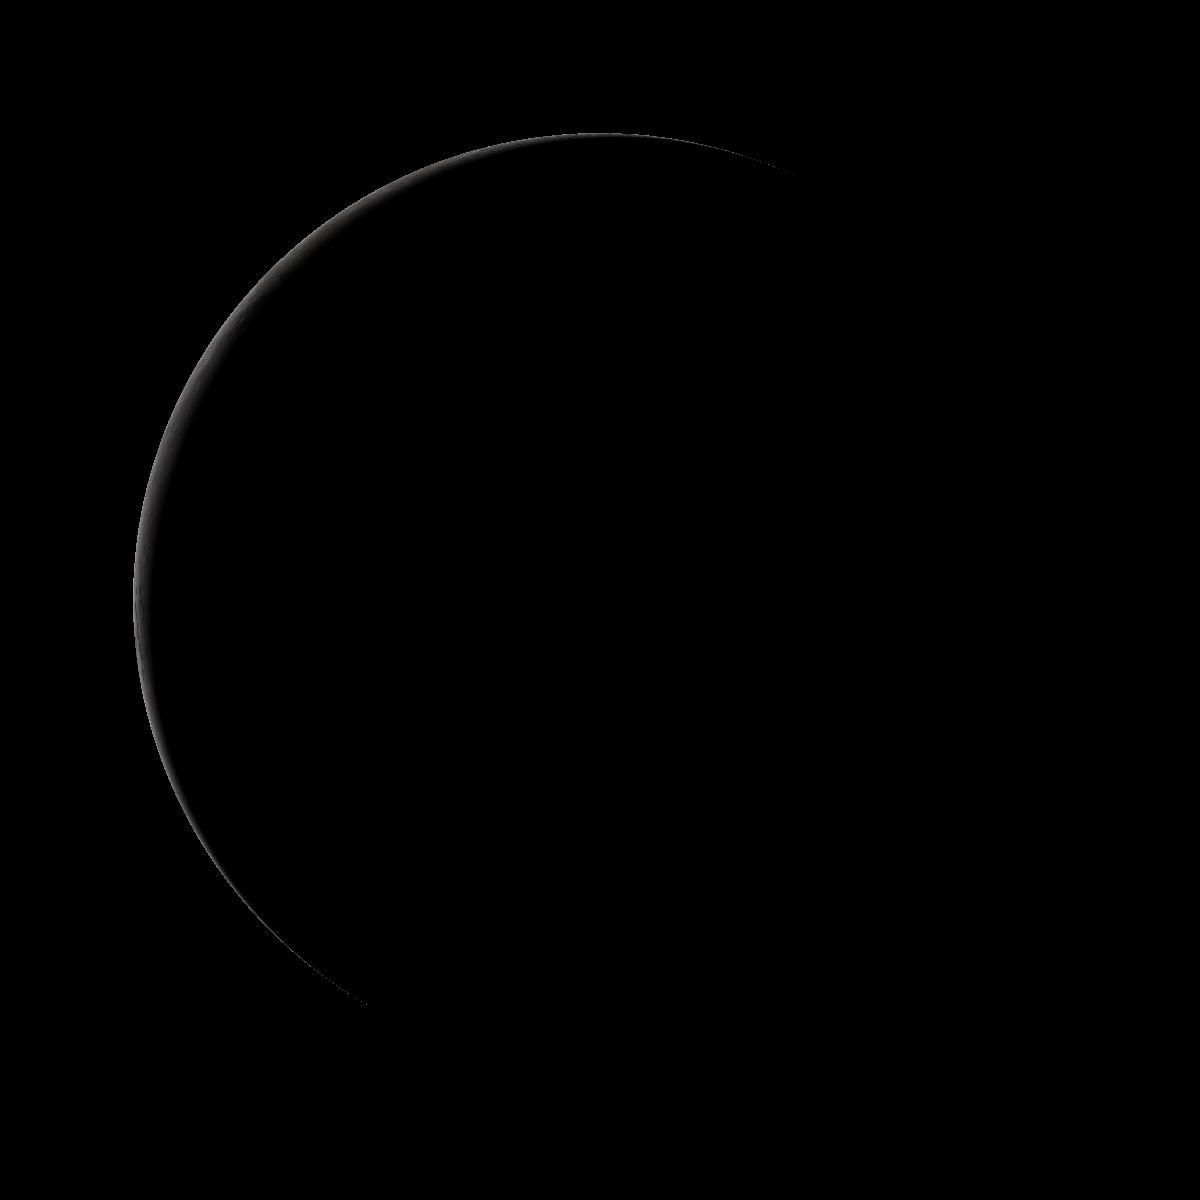 Lune du 2 juin 2019